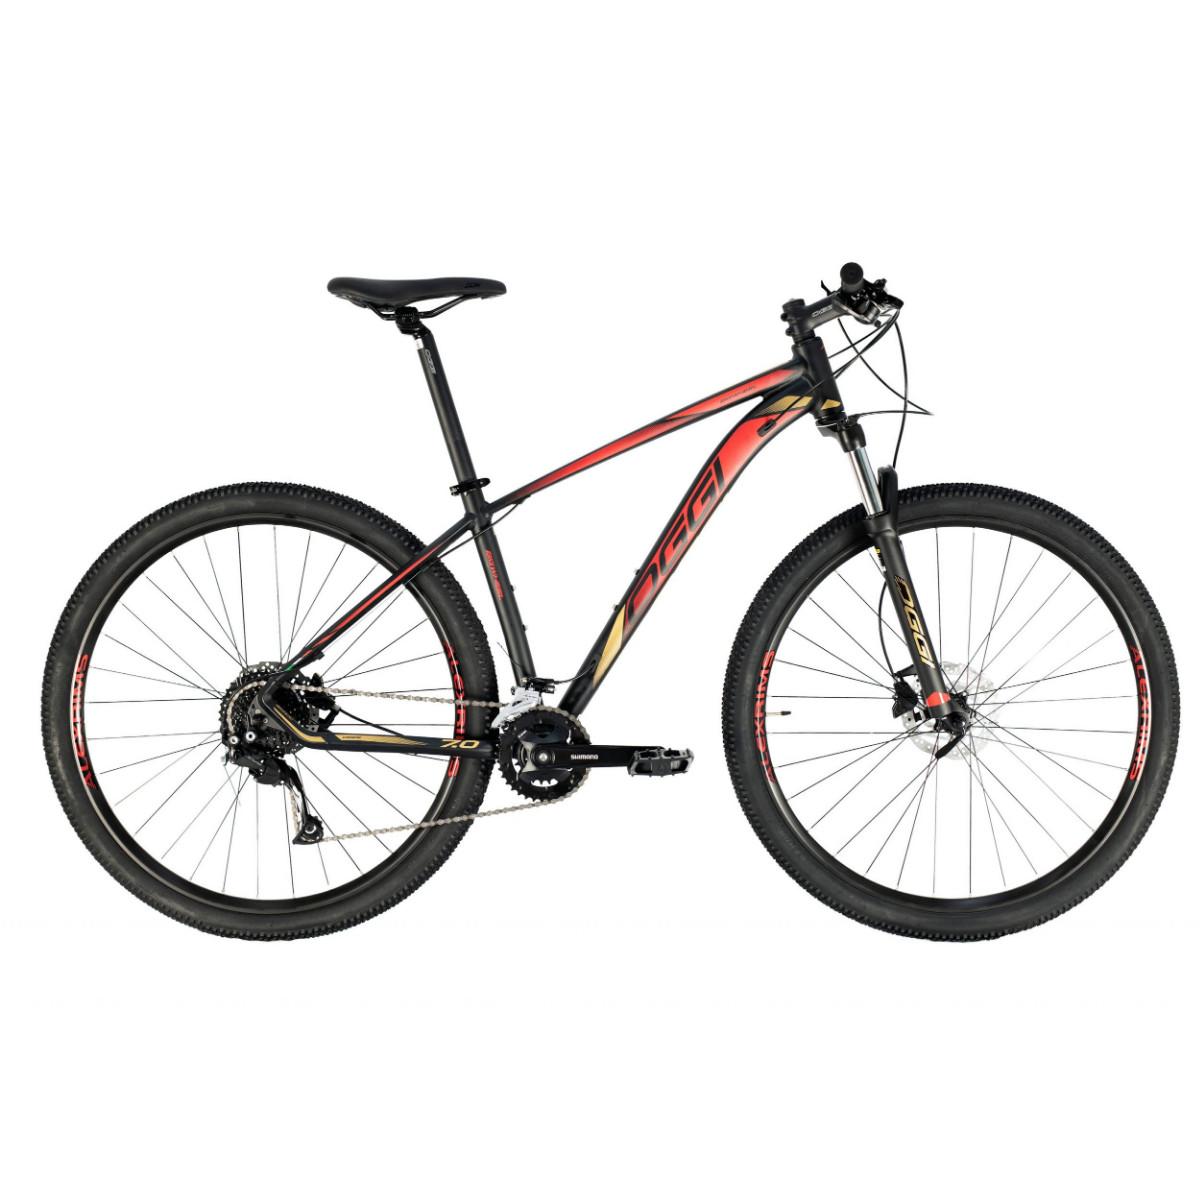 Oggi 7.0 Mountain Bike Aro 29 2021 - Preto Dourado e Vermelho